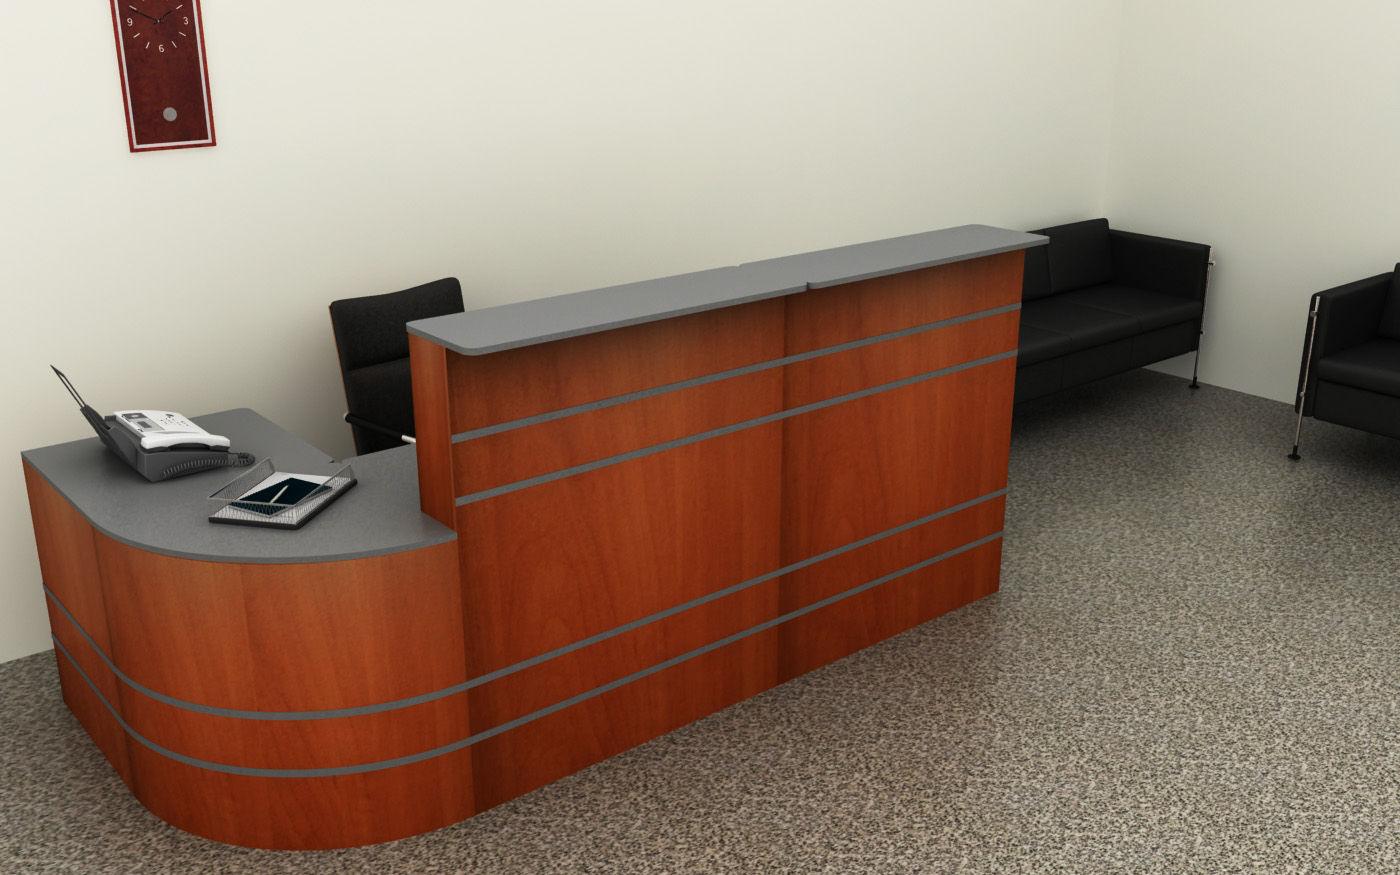 отметили как ресепшен фото мебель эконом класса были отреставрированы